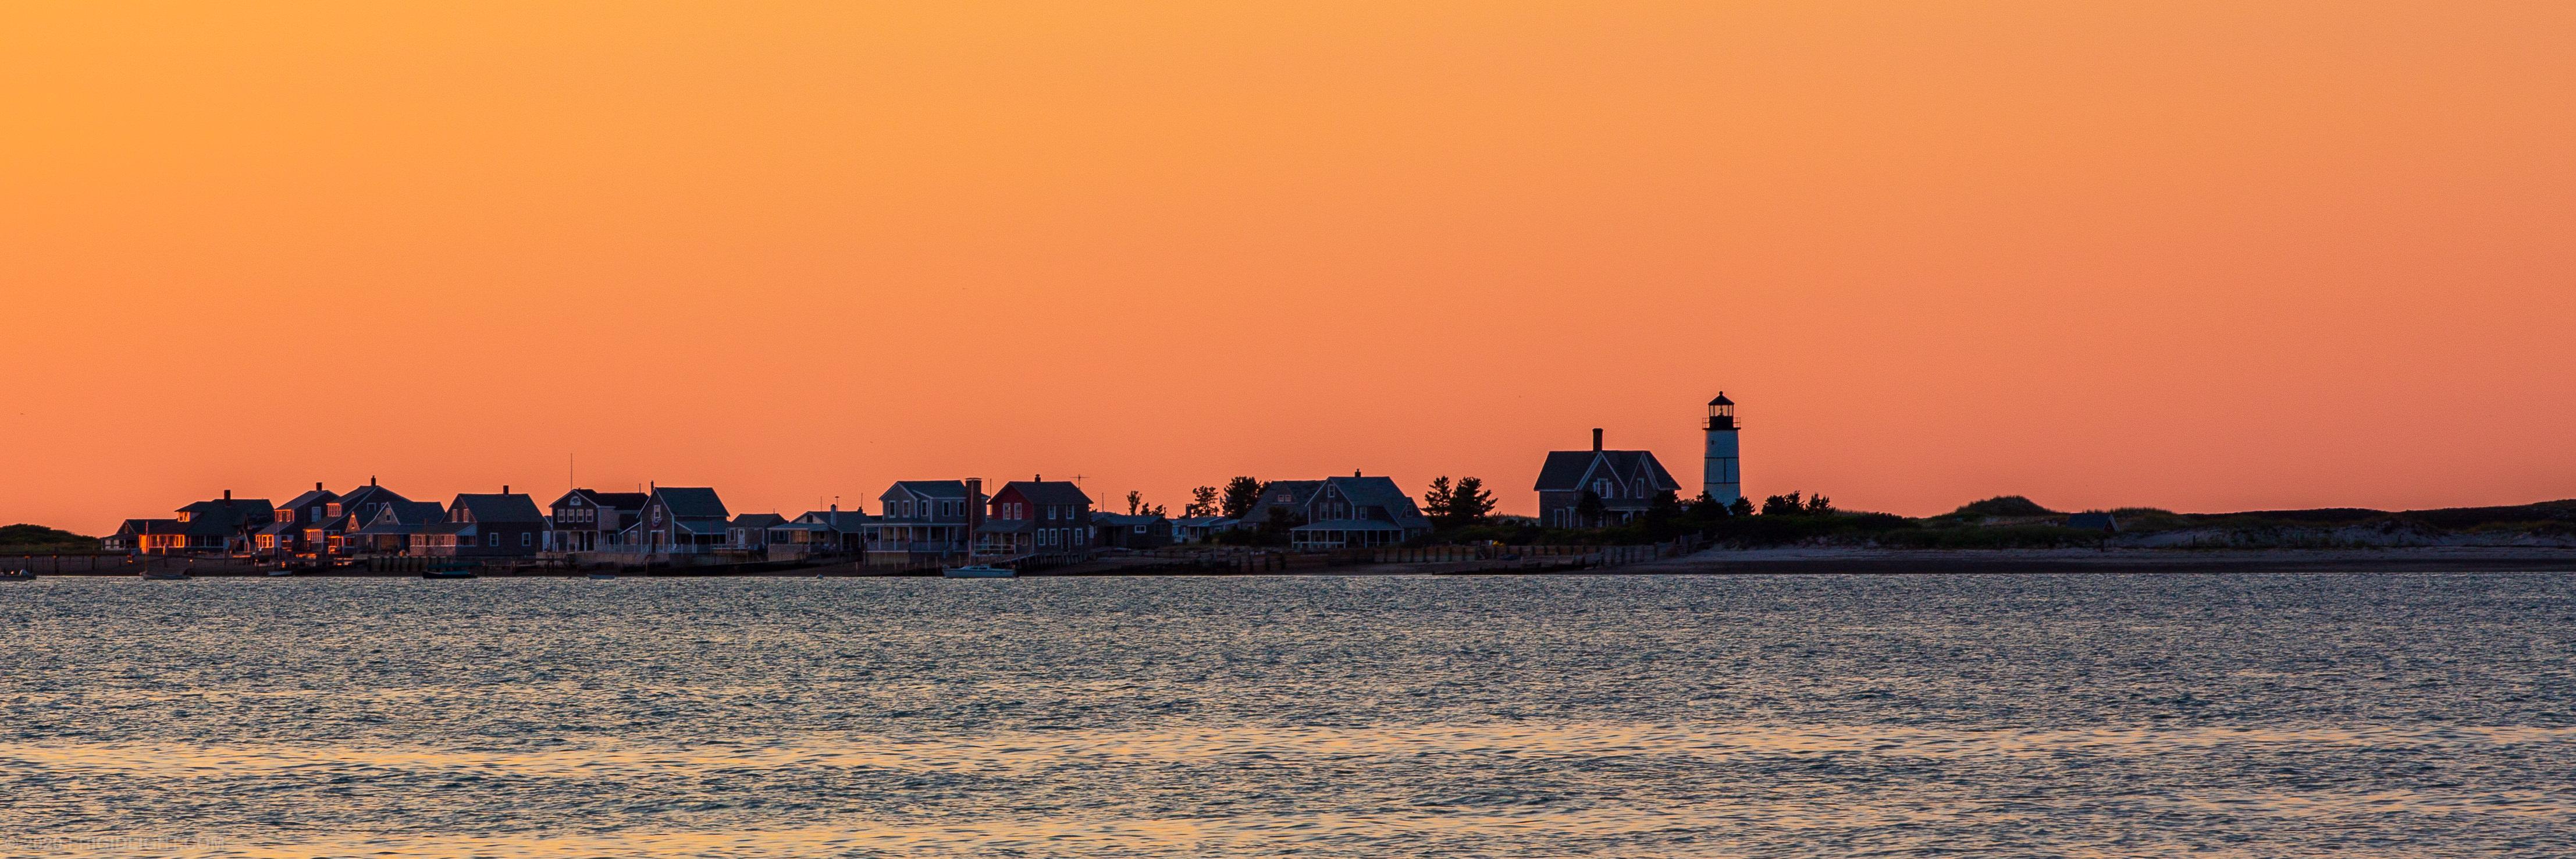 Sandy Neck Lighthouse Sunset